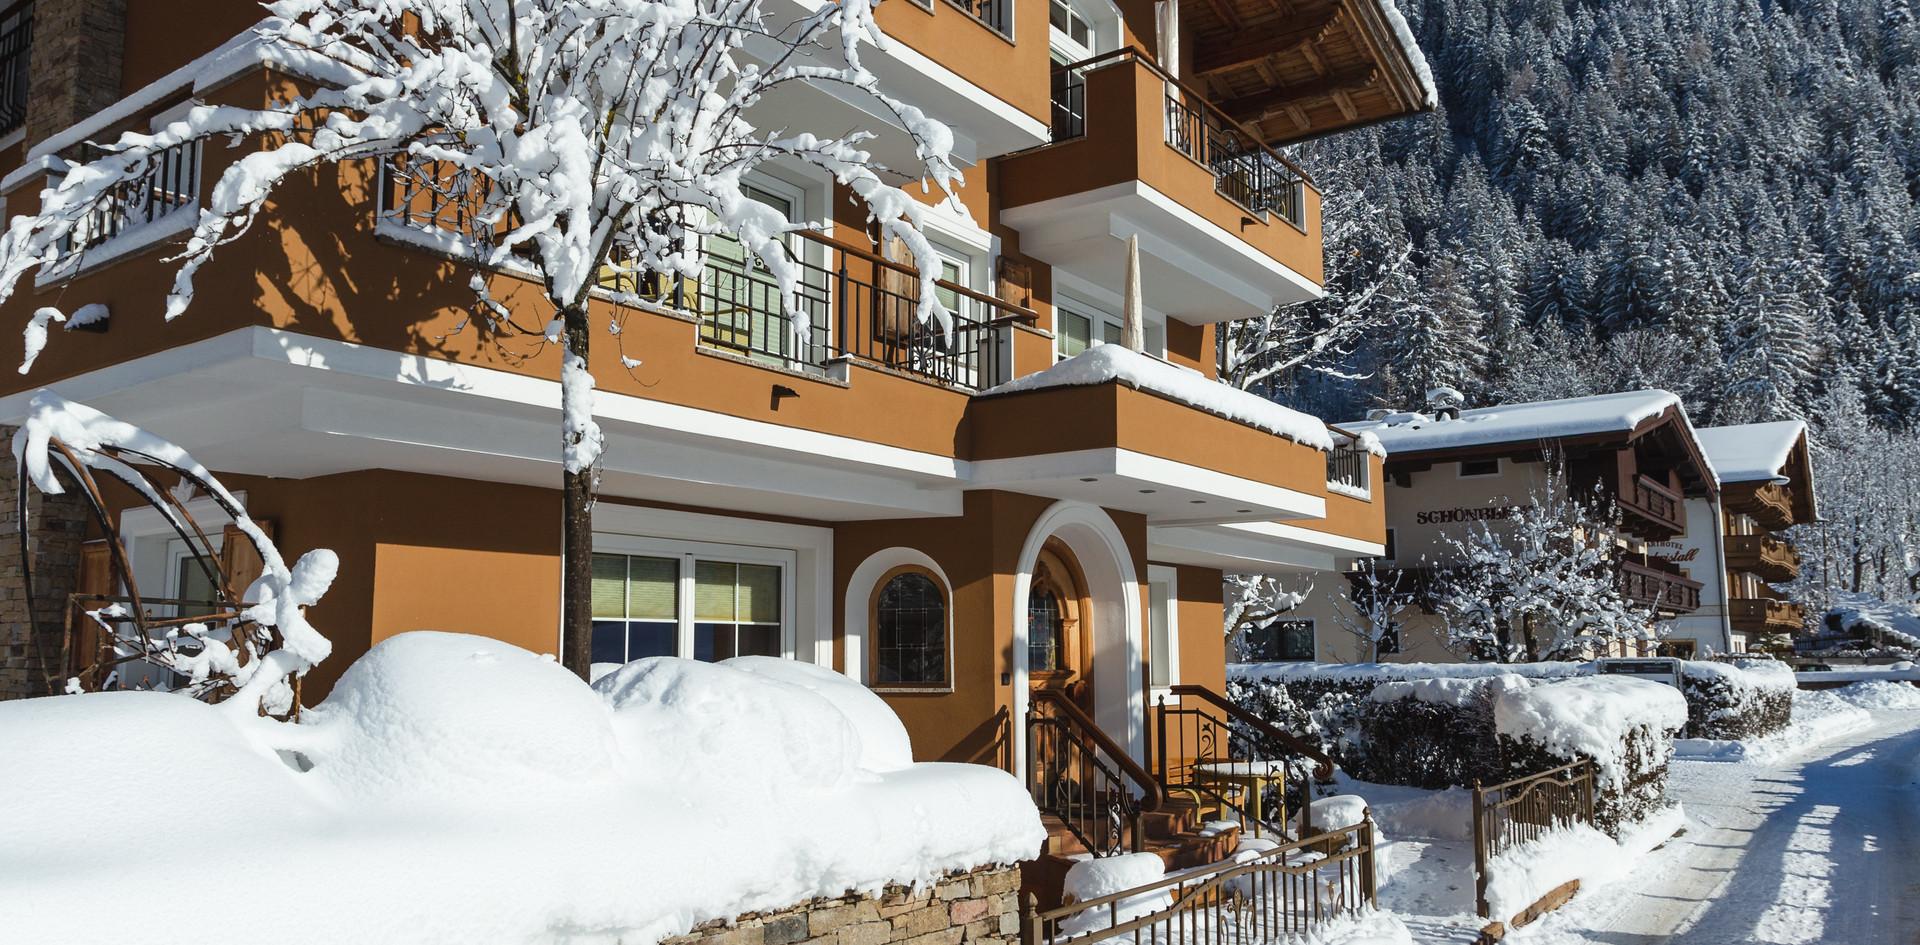 20210116_winter exterior_0016.jpg